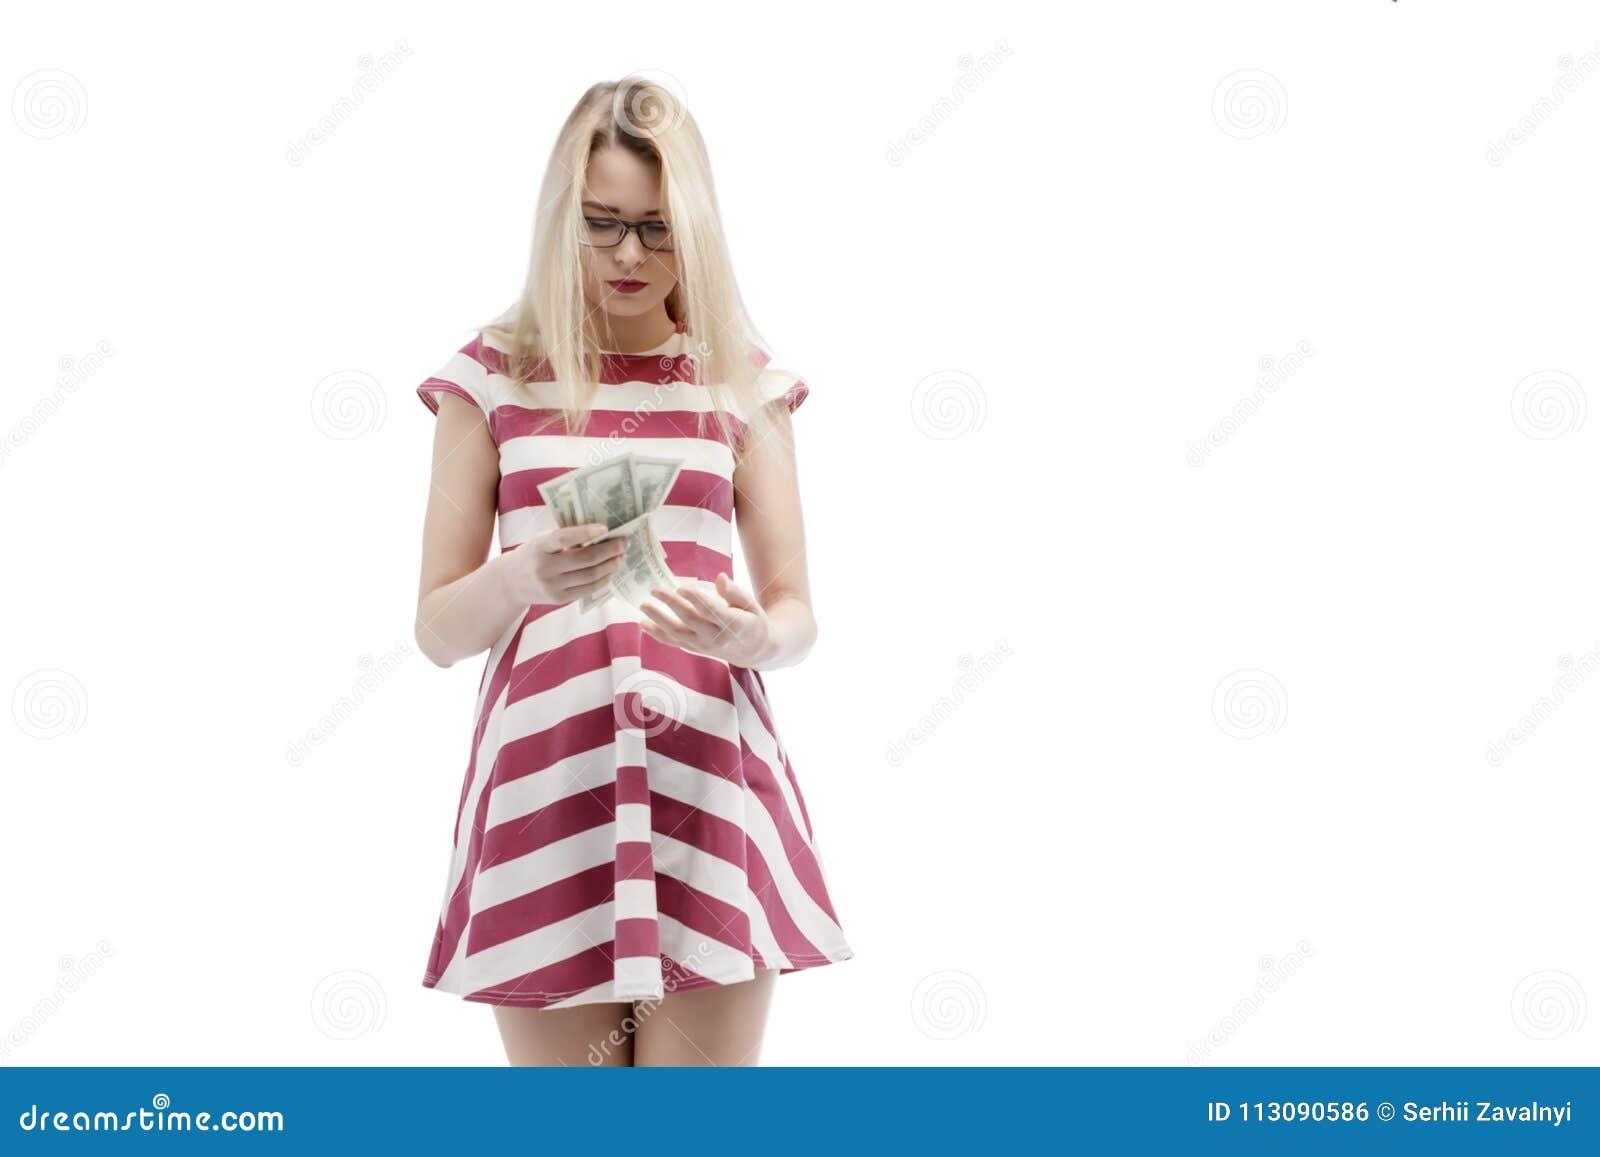 En attraktiv blond kvinna betraktar hur hon kunde spendera hennes handfullpengar